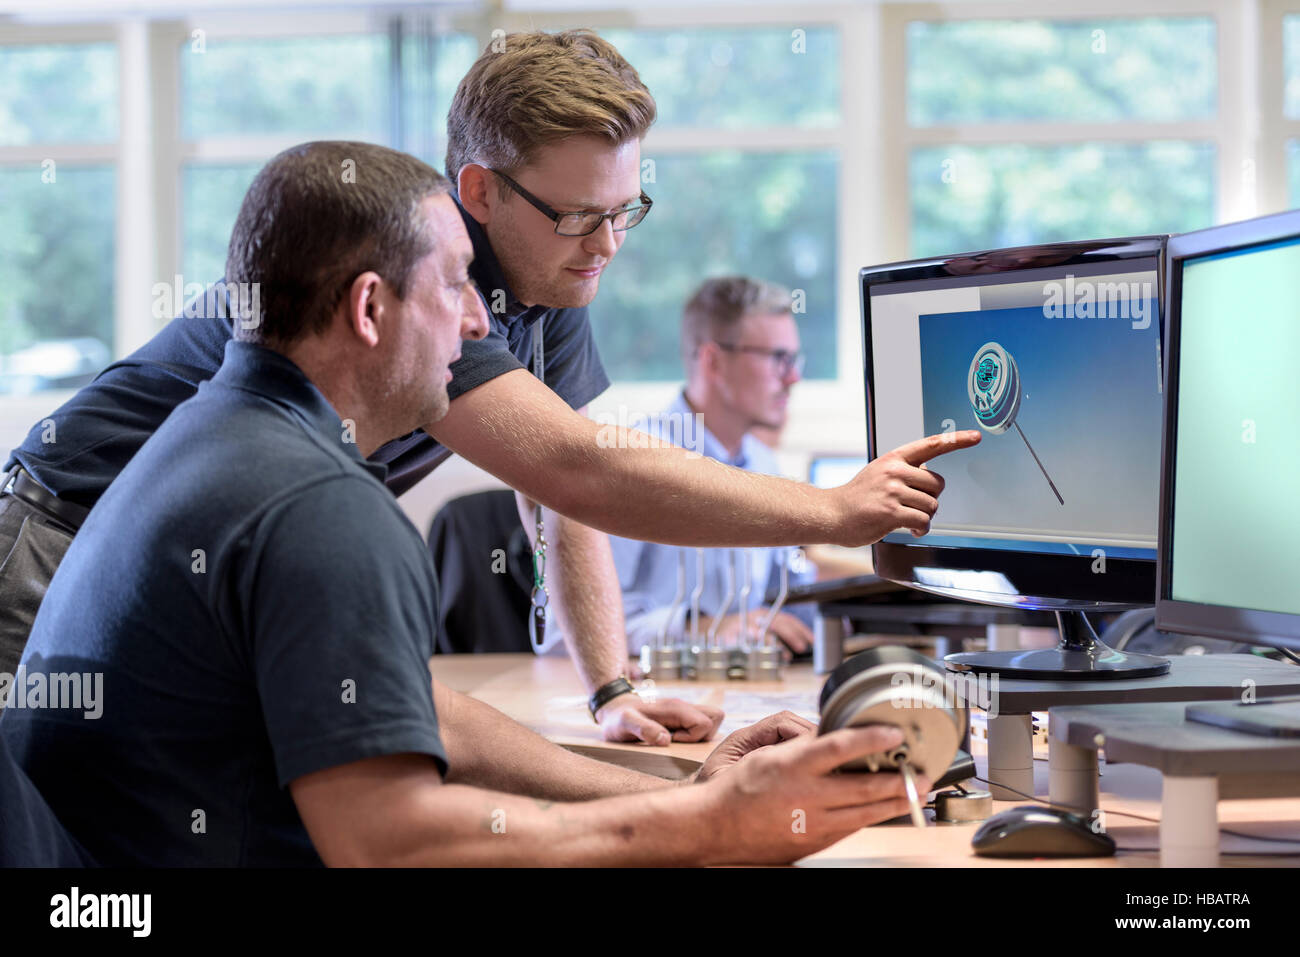 Ingenieure, CAD-Zeichnungen auf dem Bildschirm der Auspuff diskutieren Ventil Stellantrieb in Fabrik Stockbild